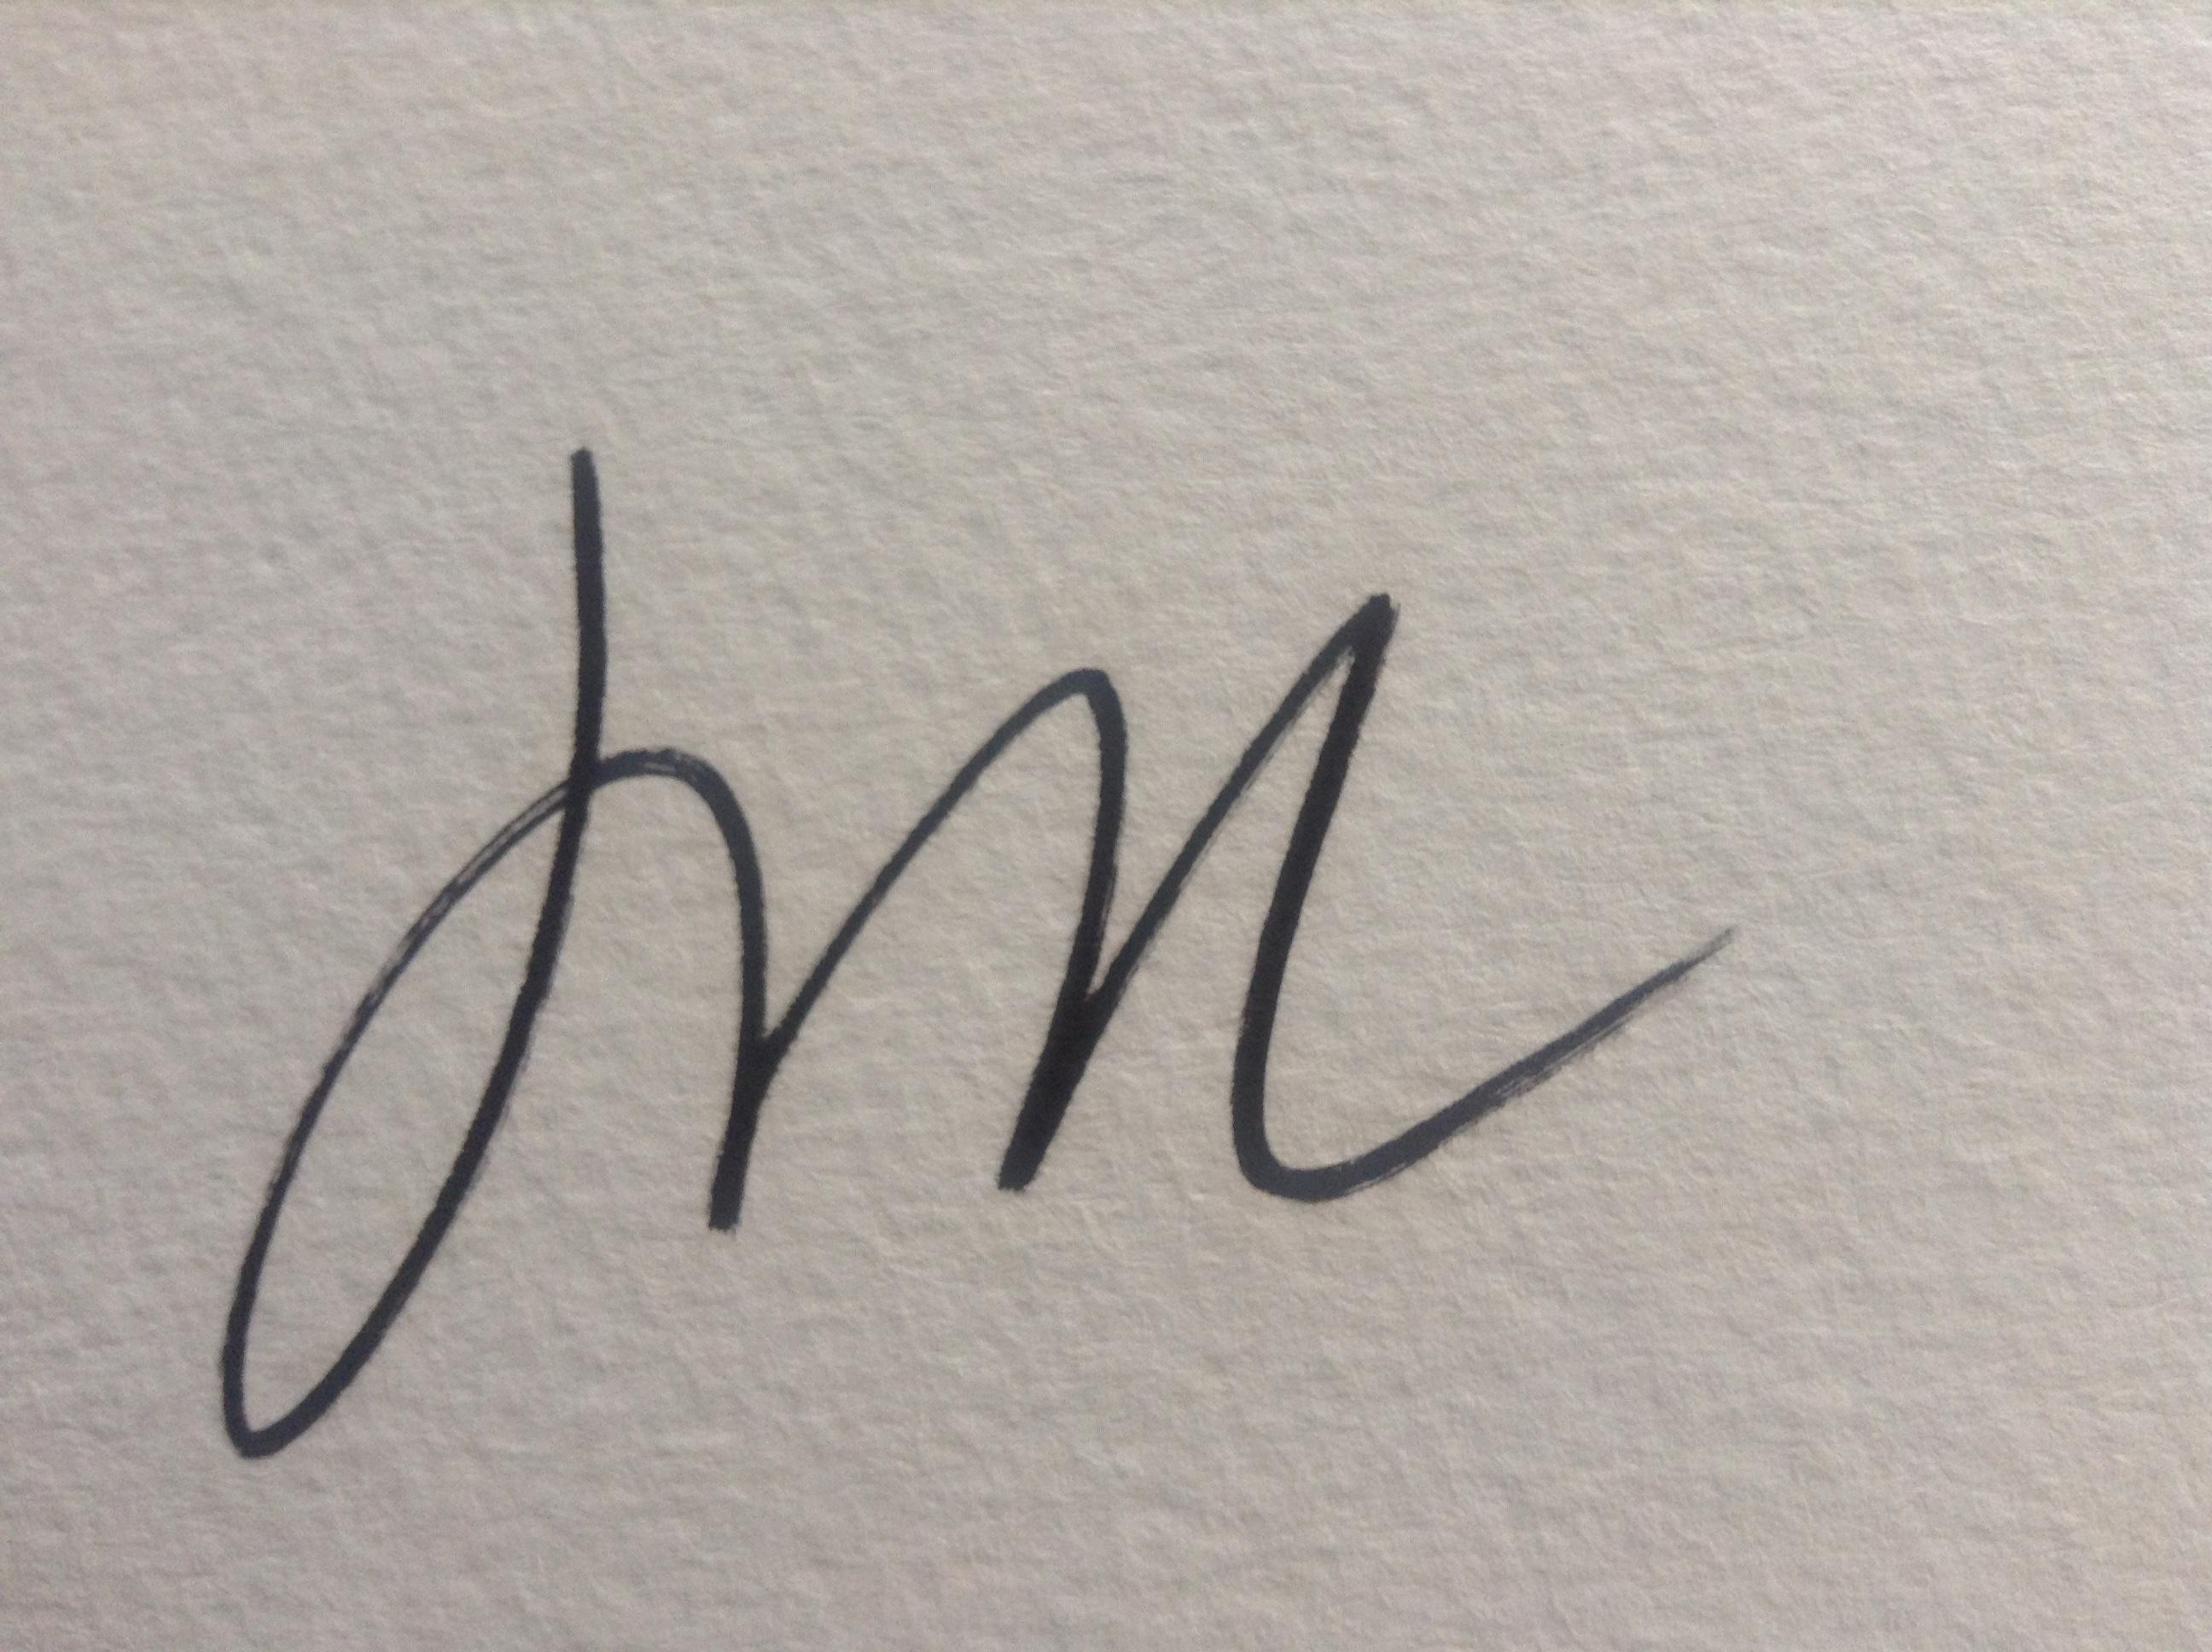 mealaaloha bishop's Signature